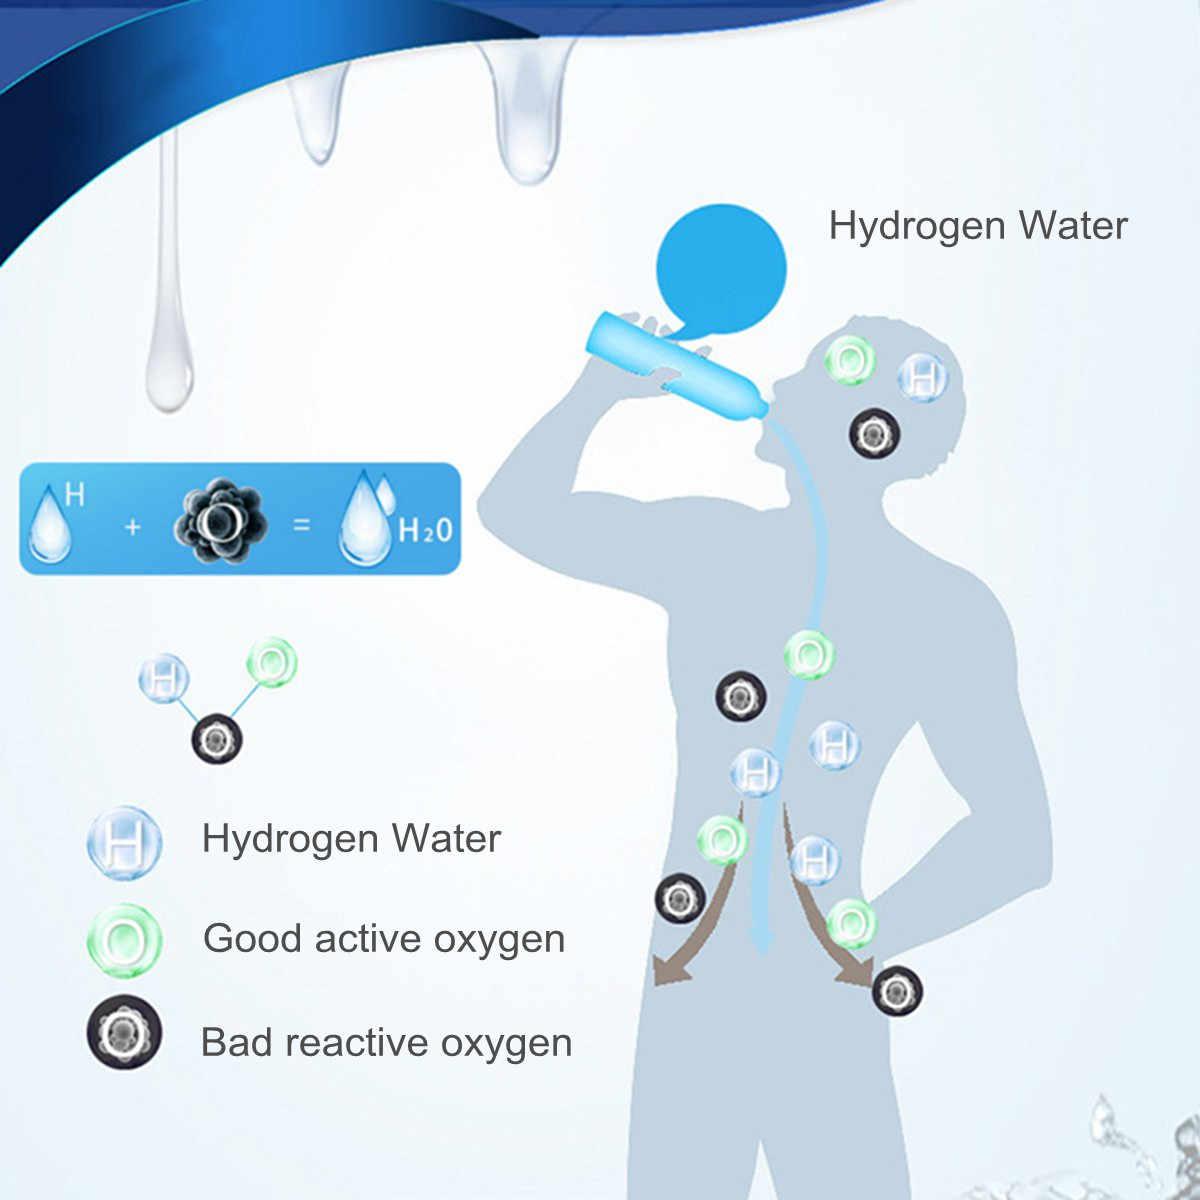 500 мл титана высокого качества водородная чашка для воды ионизатор/генератор супер антиоксиданты ОРП водородная бутылка USB зарядка